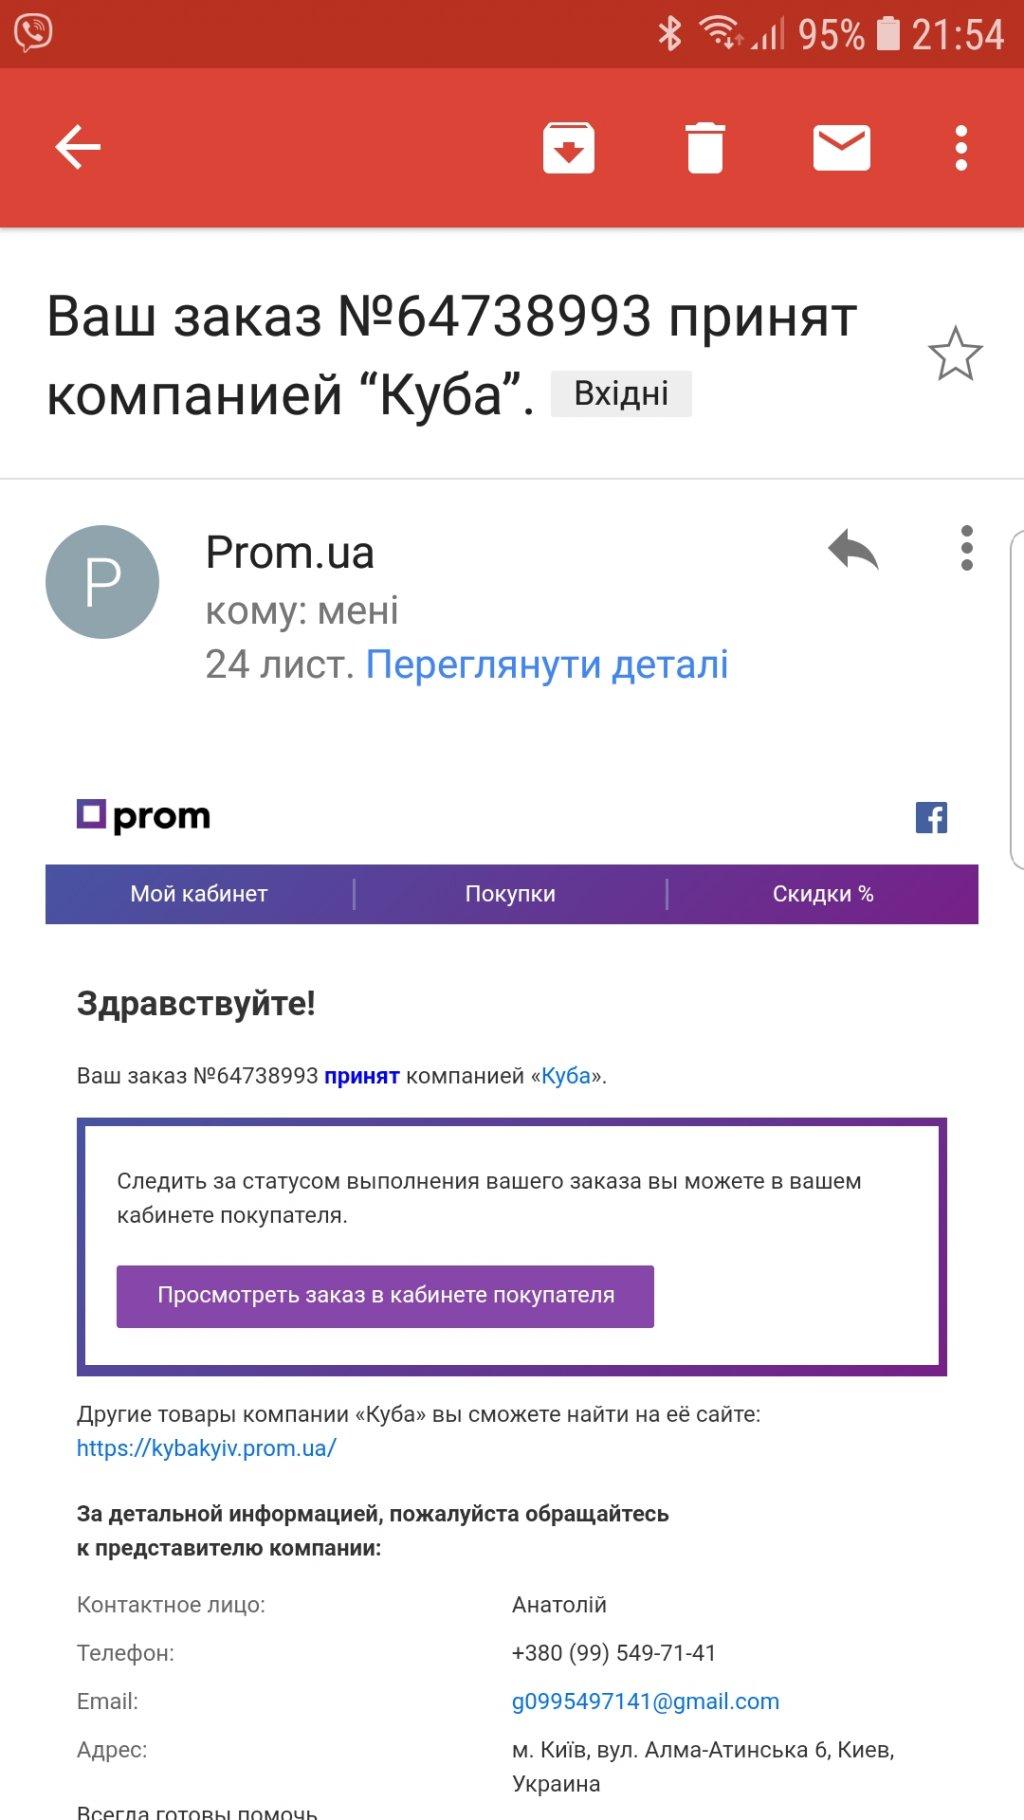 Prom.ua - майданчик аферистів